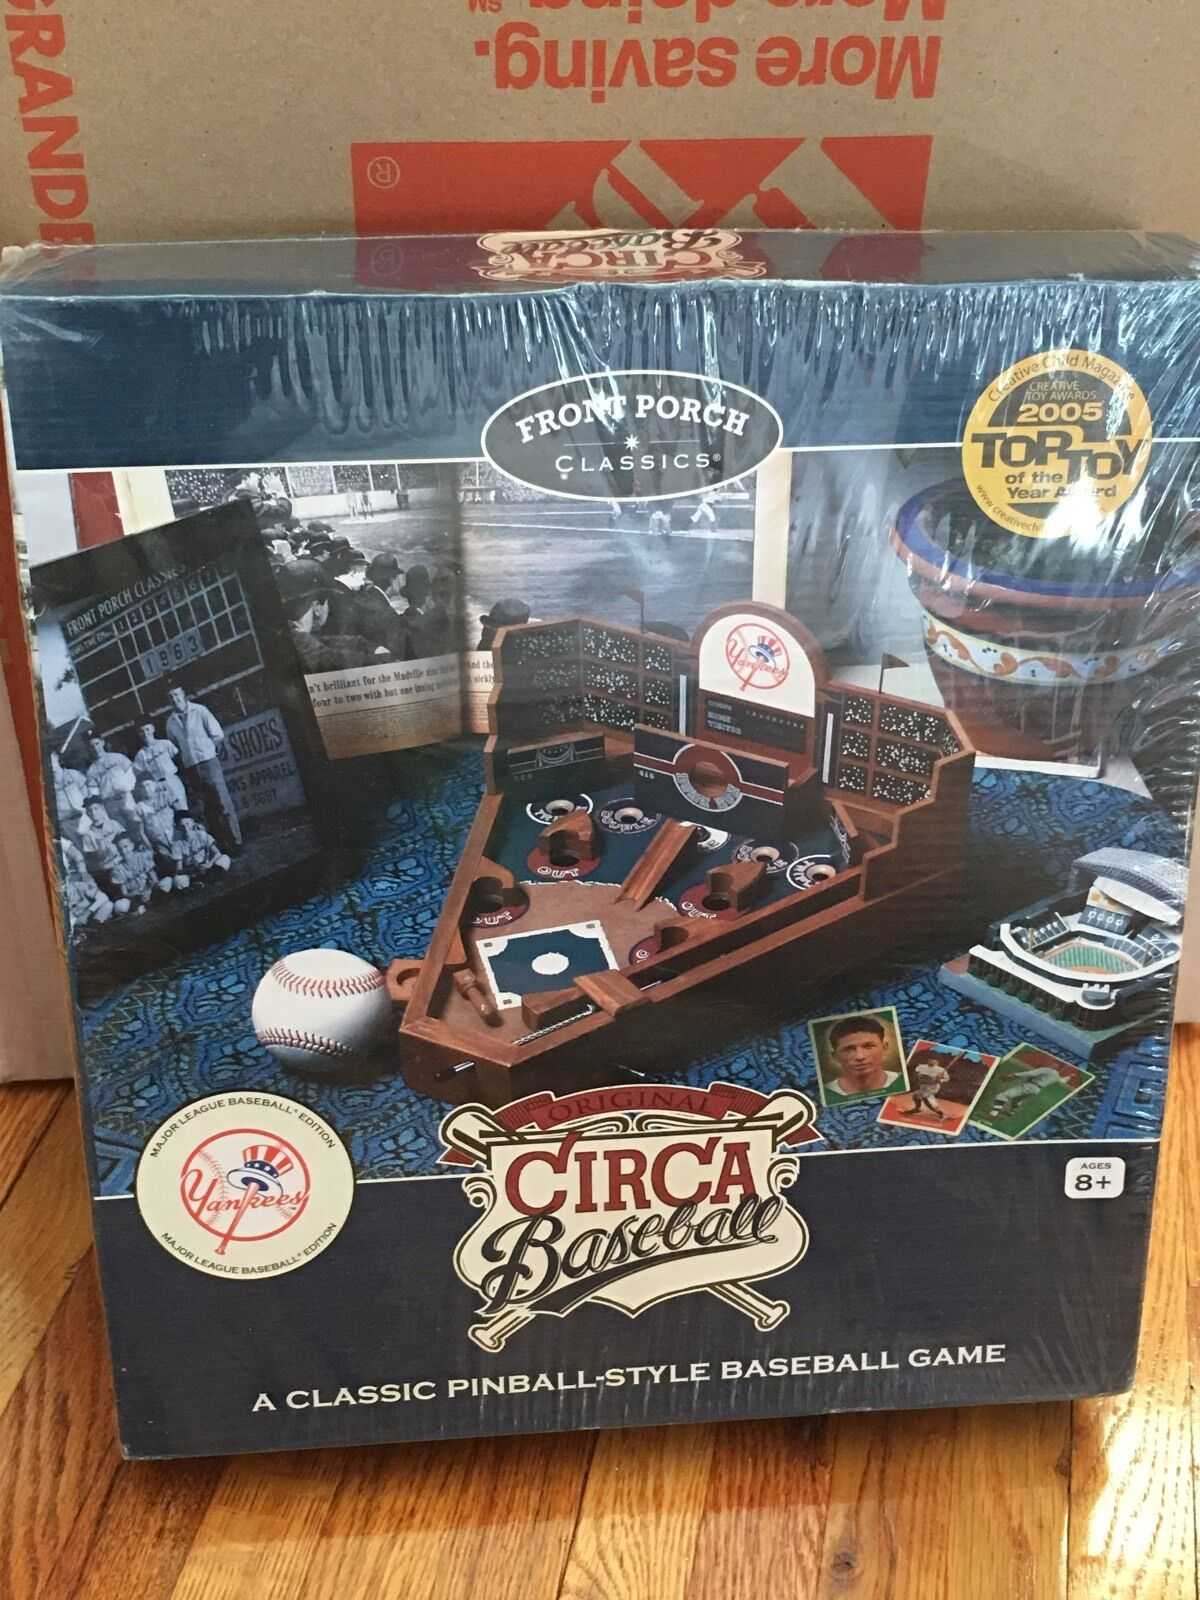 2007 davanti Porch  classeics nuovo YORK YANKEES Circa Basebtutti PINBtutti gioco WOODEN    spedizione gratuita!